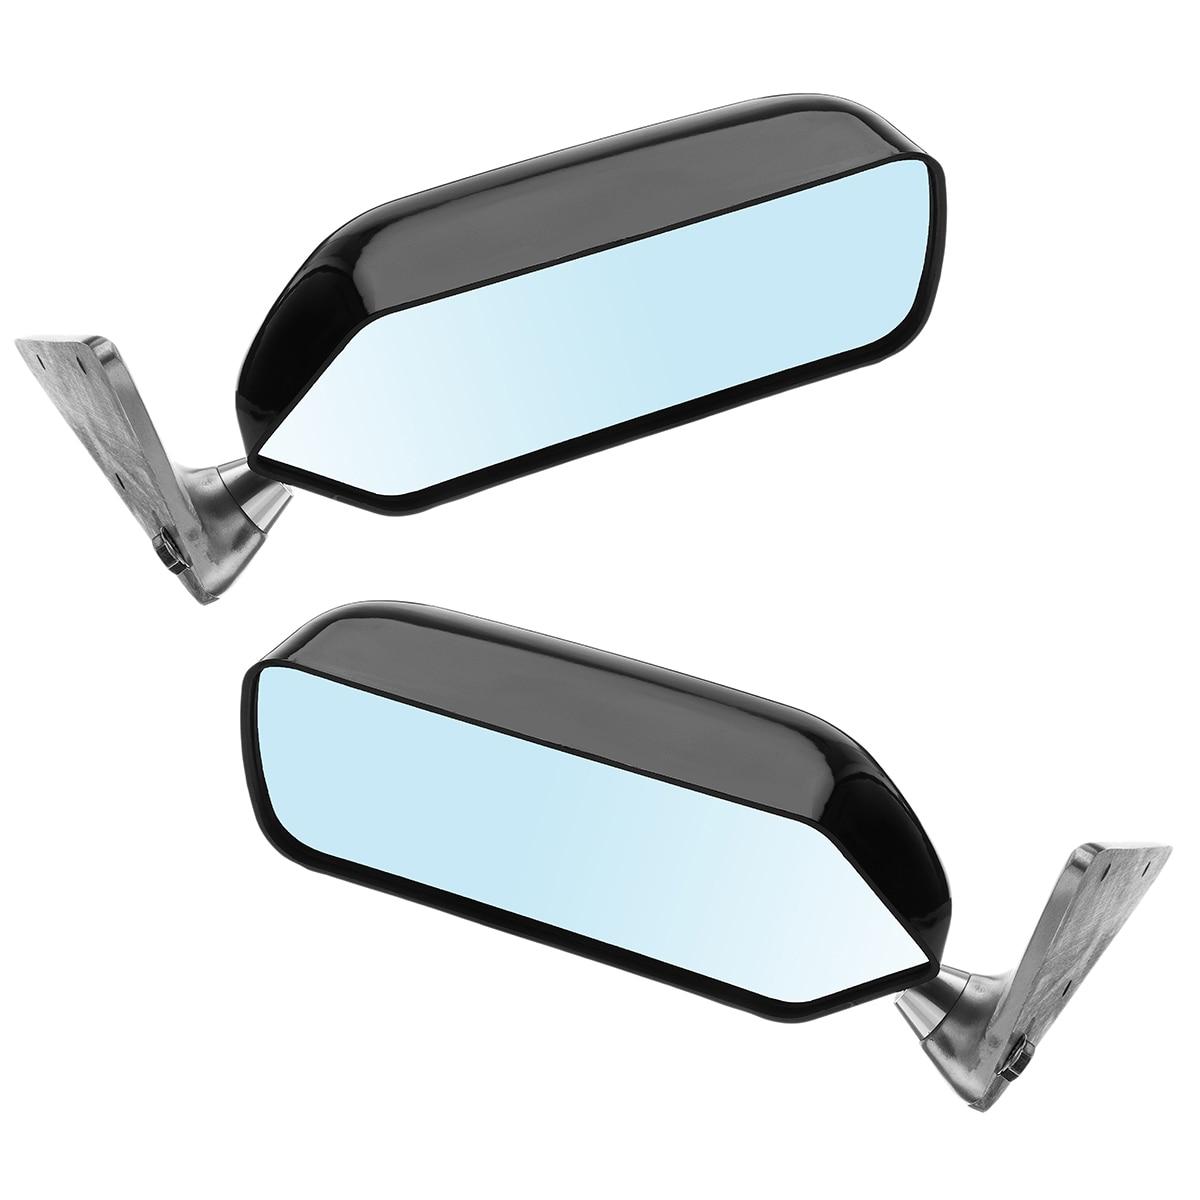 2x החדש אוניברסלי רטרו הצד האחורי מכונית קרפט כיכר F1 סגנון w/כחול משטח מראה מתכת סוגר אחורי מראה